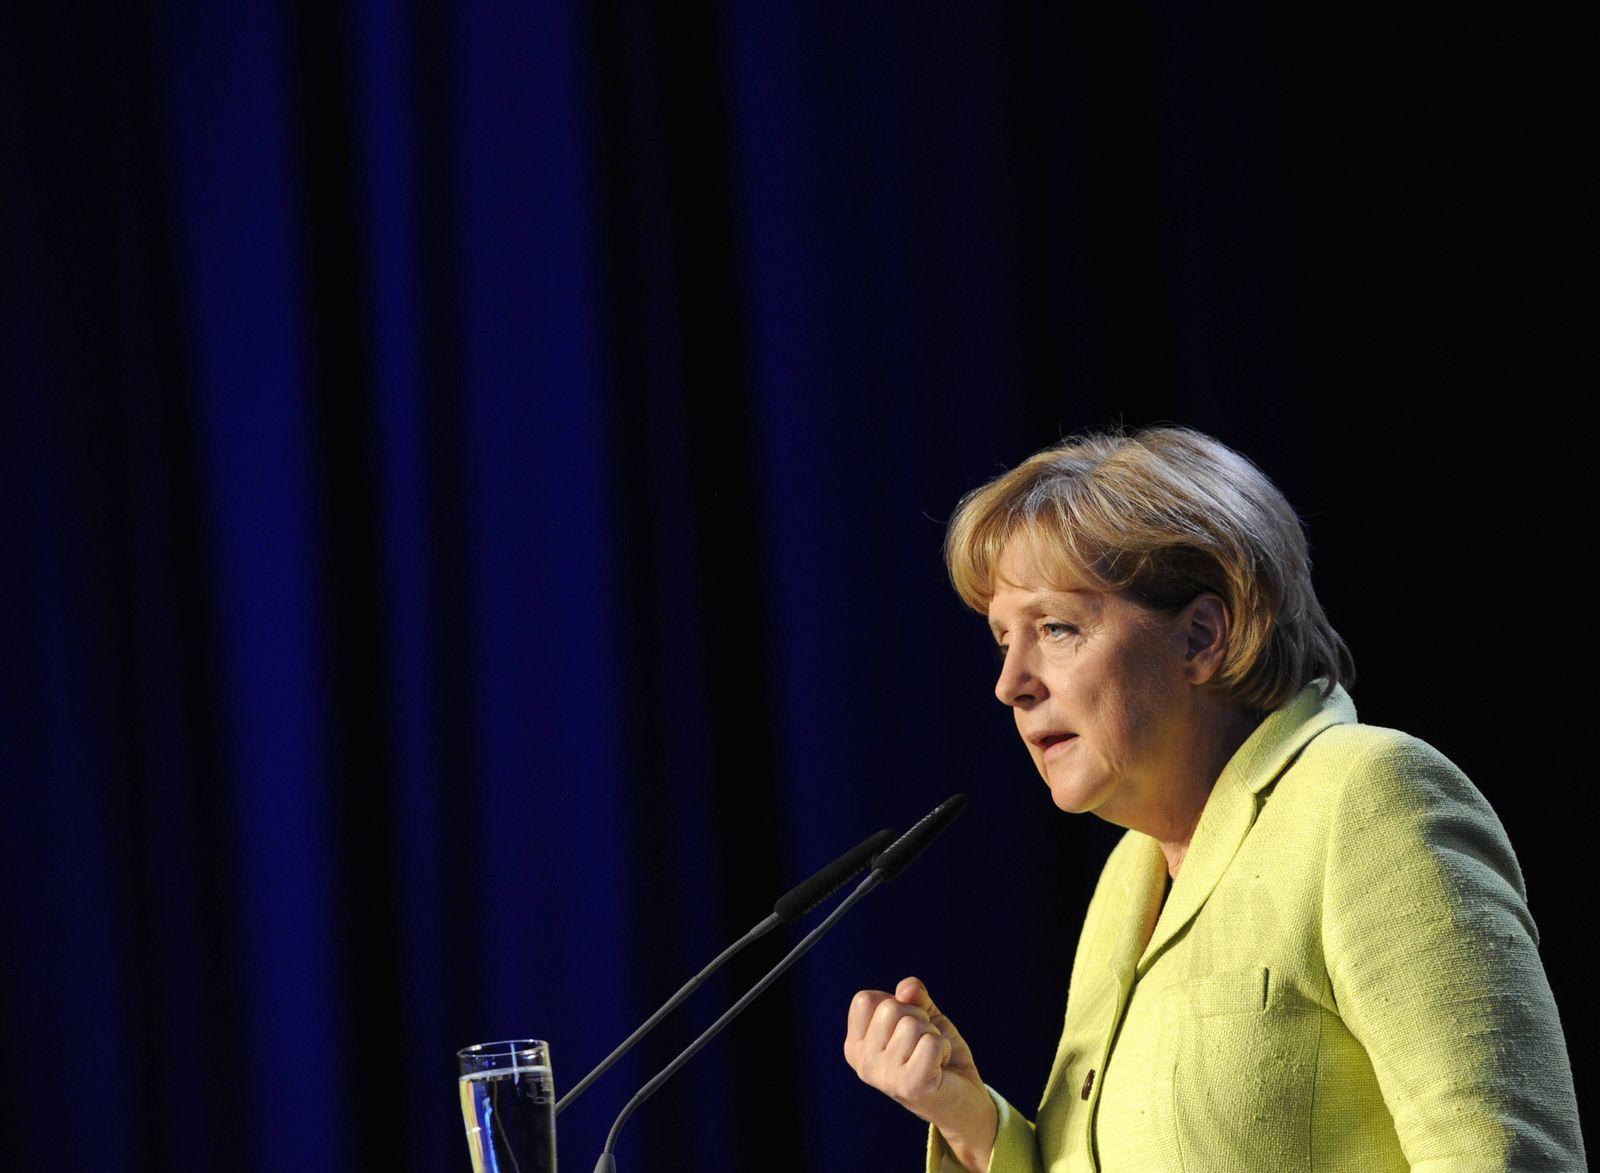 NICHT VERWENDEN CDU-Wahlkampfveranstaltung mit BK Merkel und MP Carsten